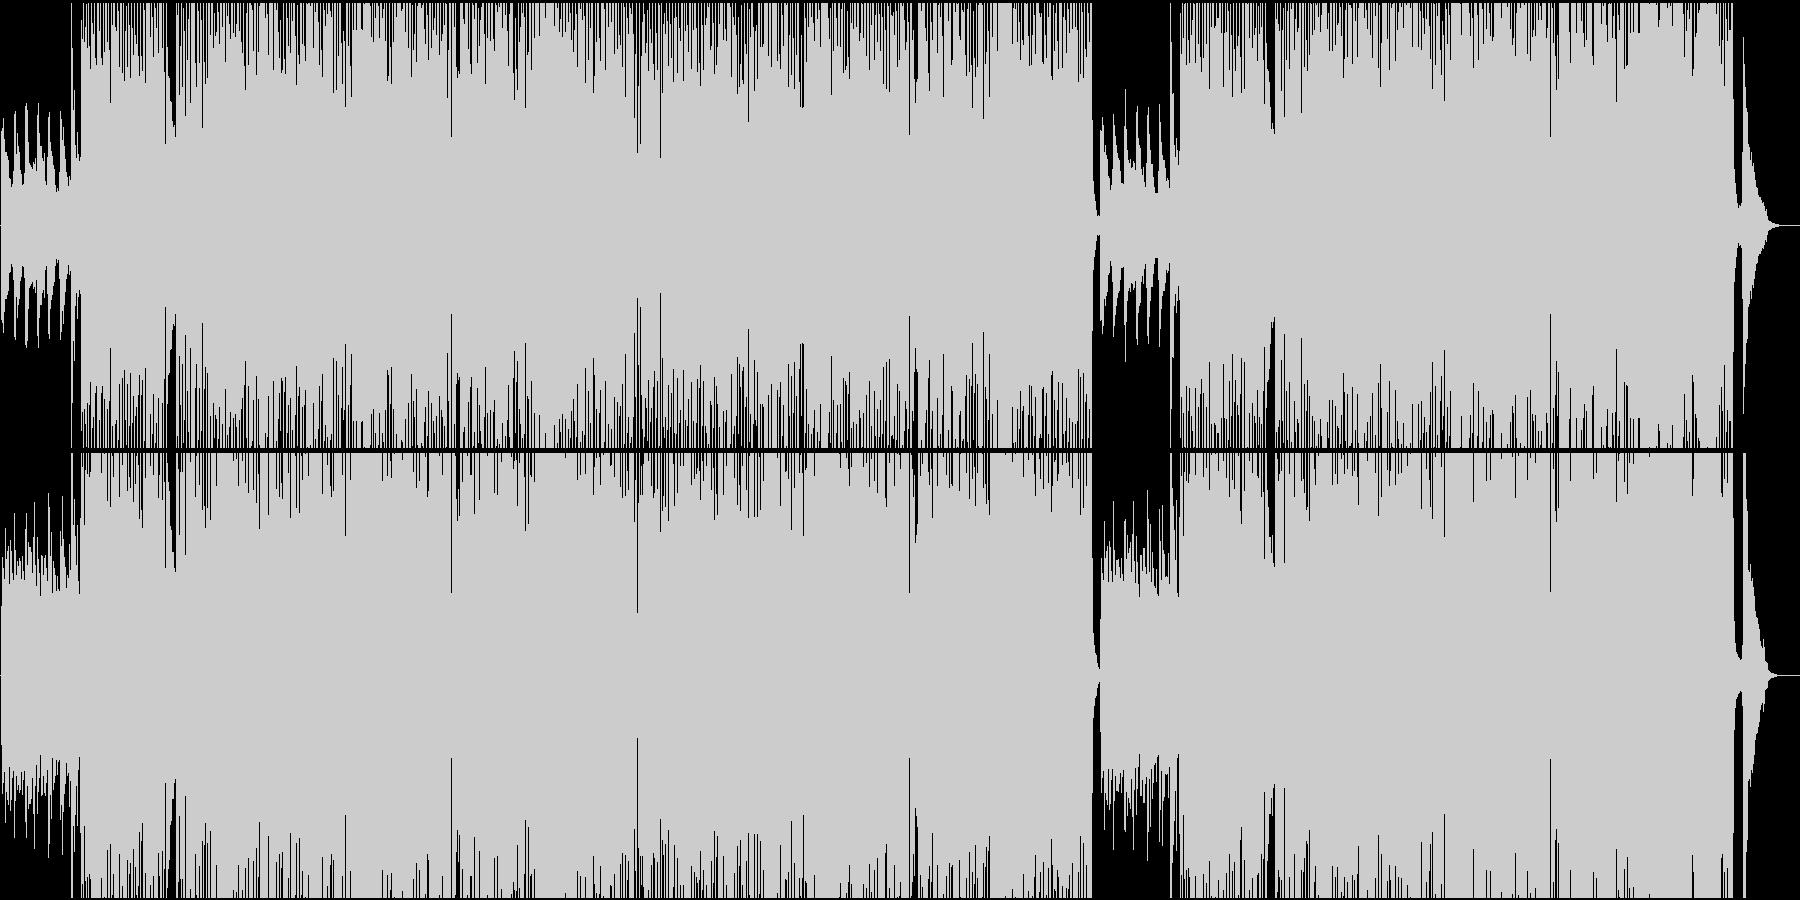 グロッケンと木琴のメロが可愛い軽快な楽曲の未再生の波形